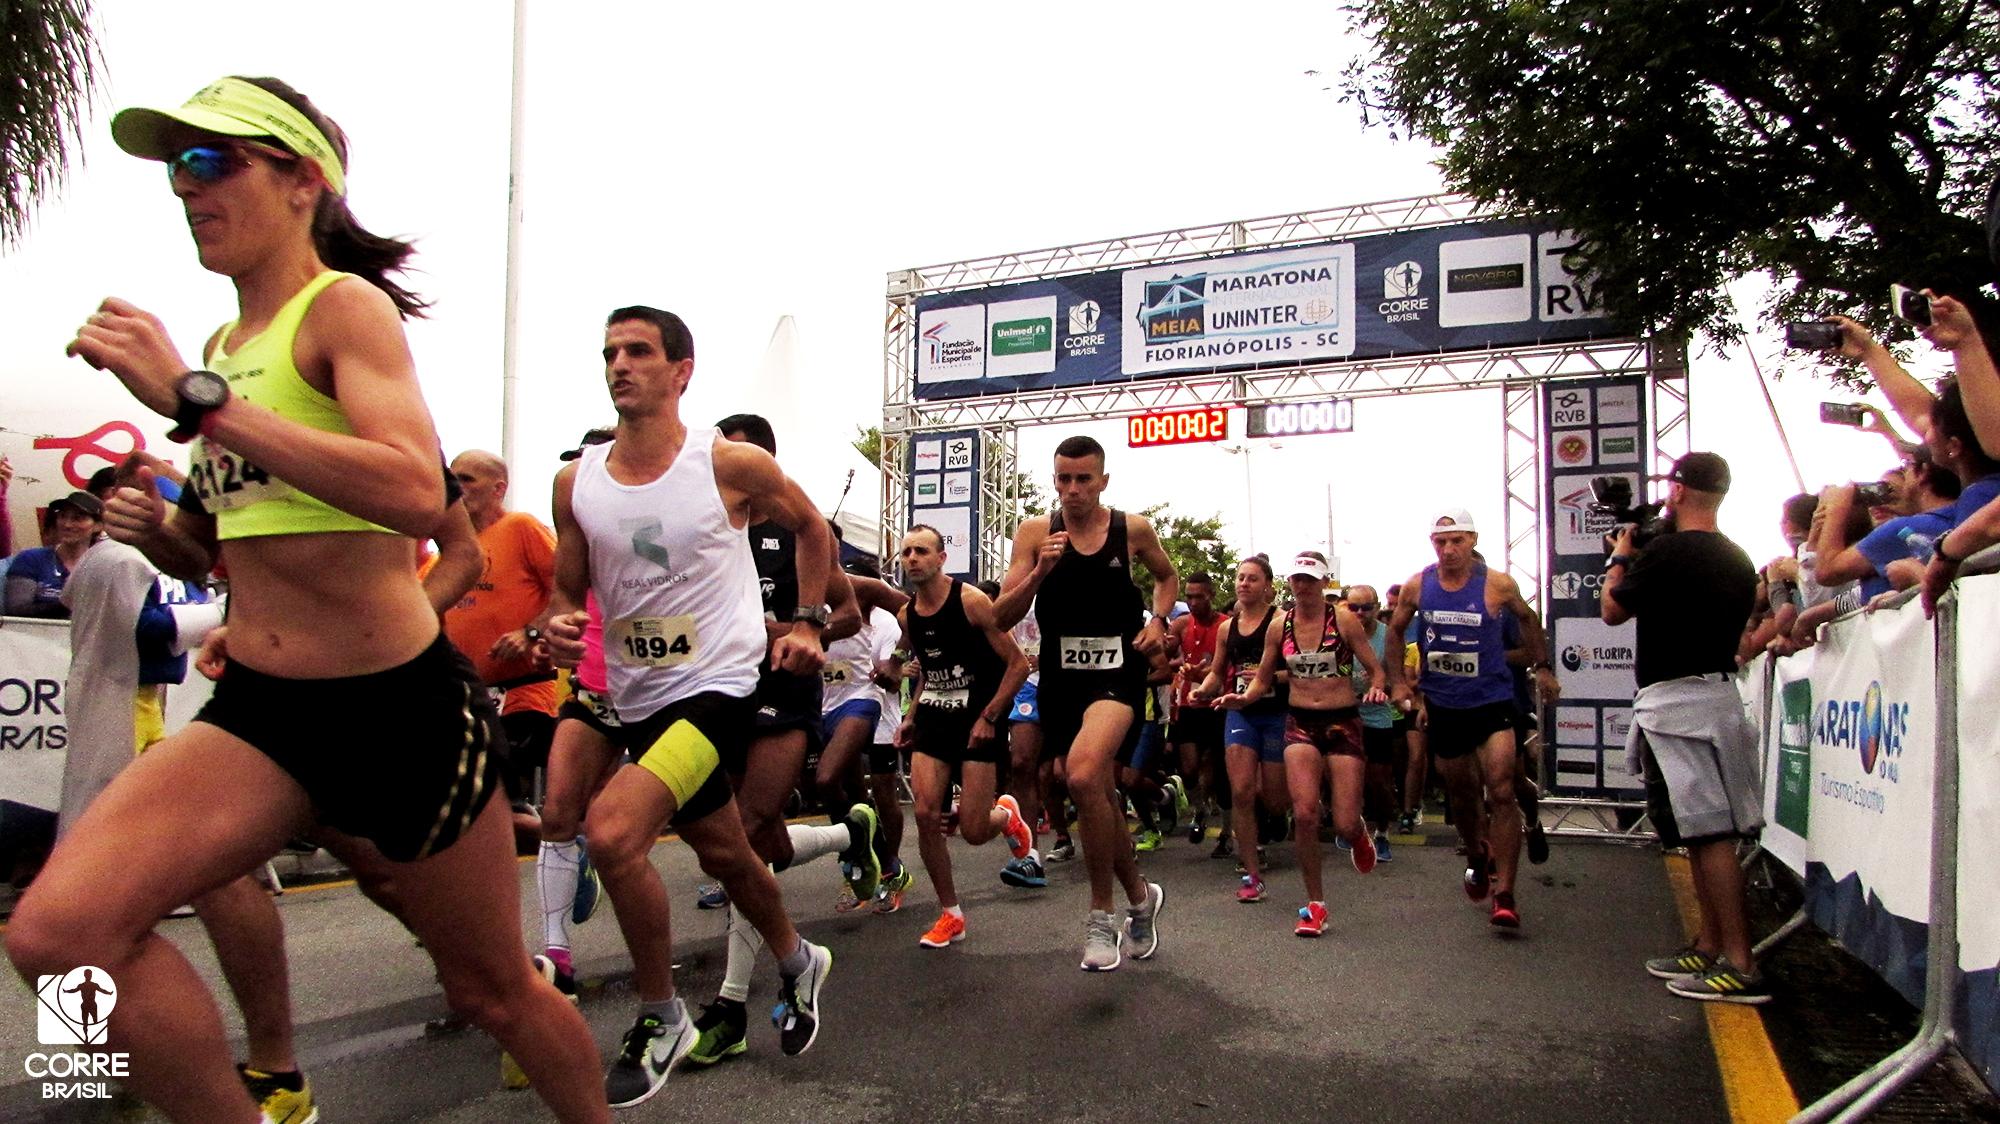 Meia Maratona Internacional de Florianópolis trará mais de 100 atletas estrangeiros para a capital catarinense